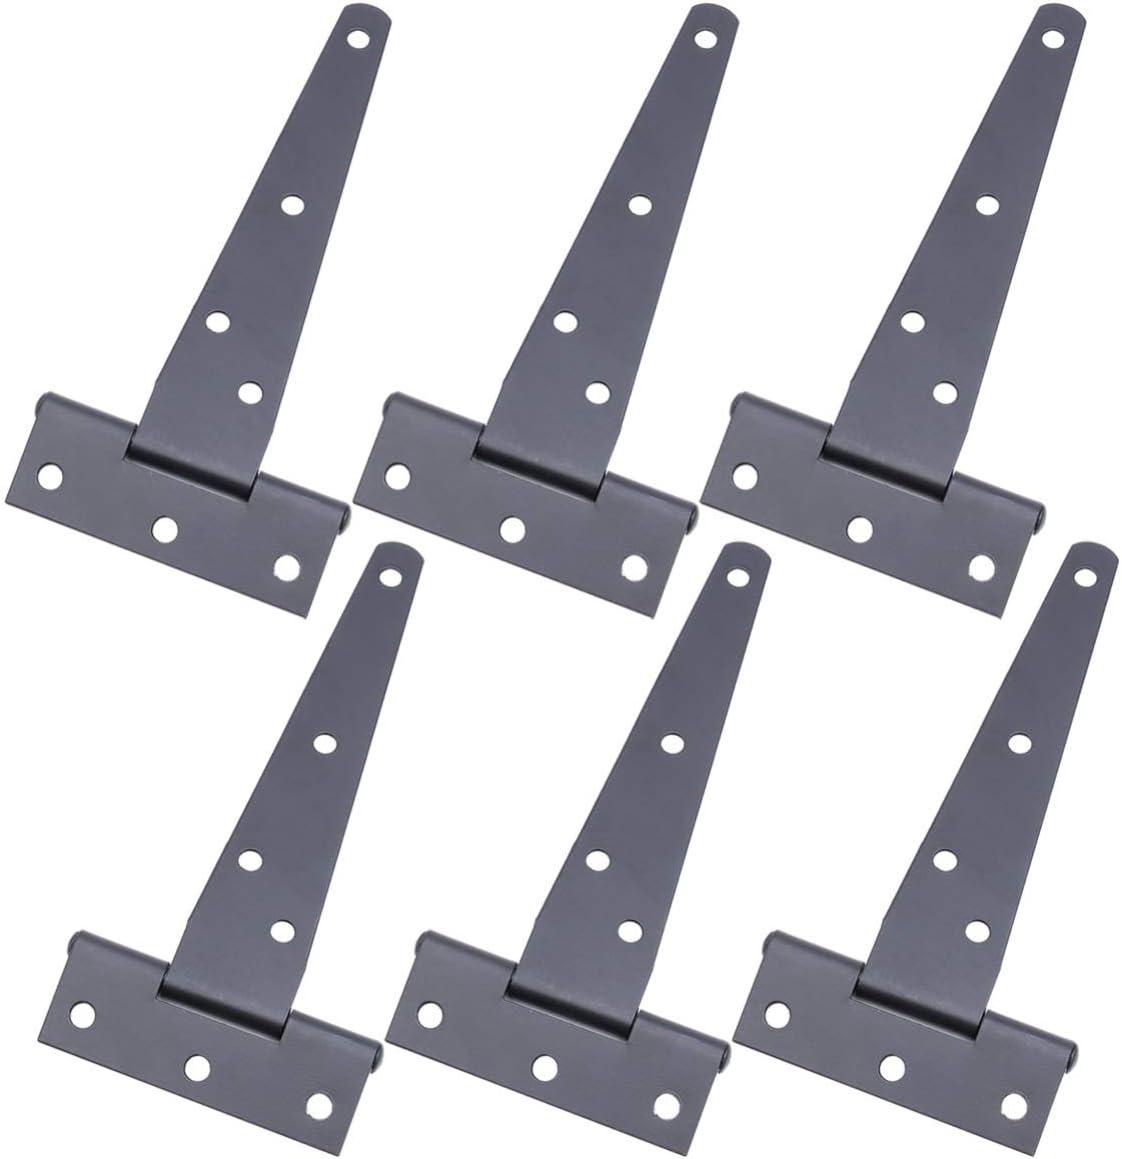 Yarnow 2 Piezas Bisagras Bisagras de Servicio Pesado Bisagras de Correa para Puerta de Cobertizo de Almacenamiento Puertas de Granero 5 Pulgadas Negro